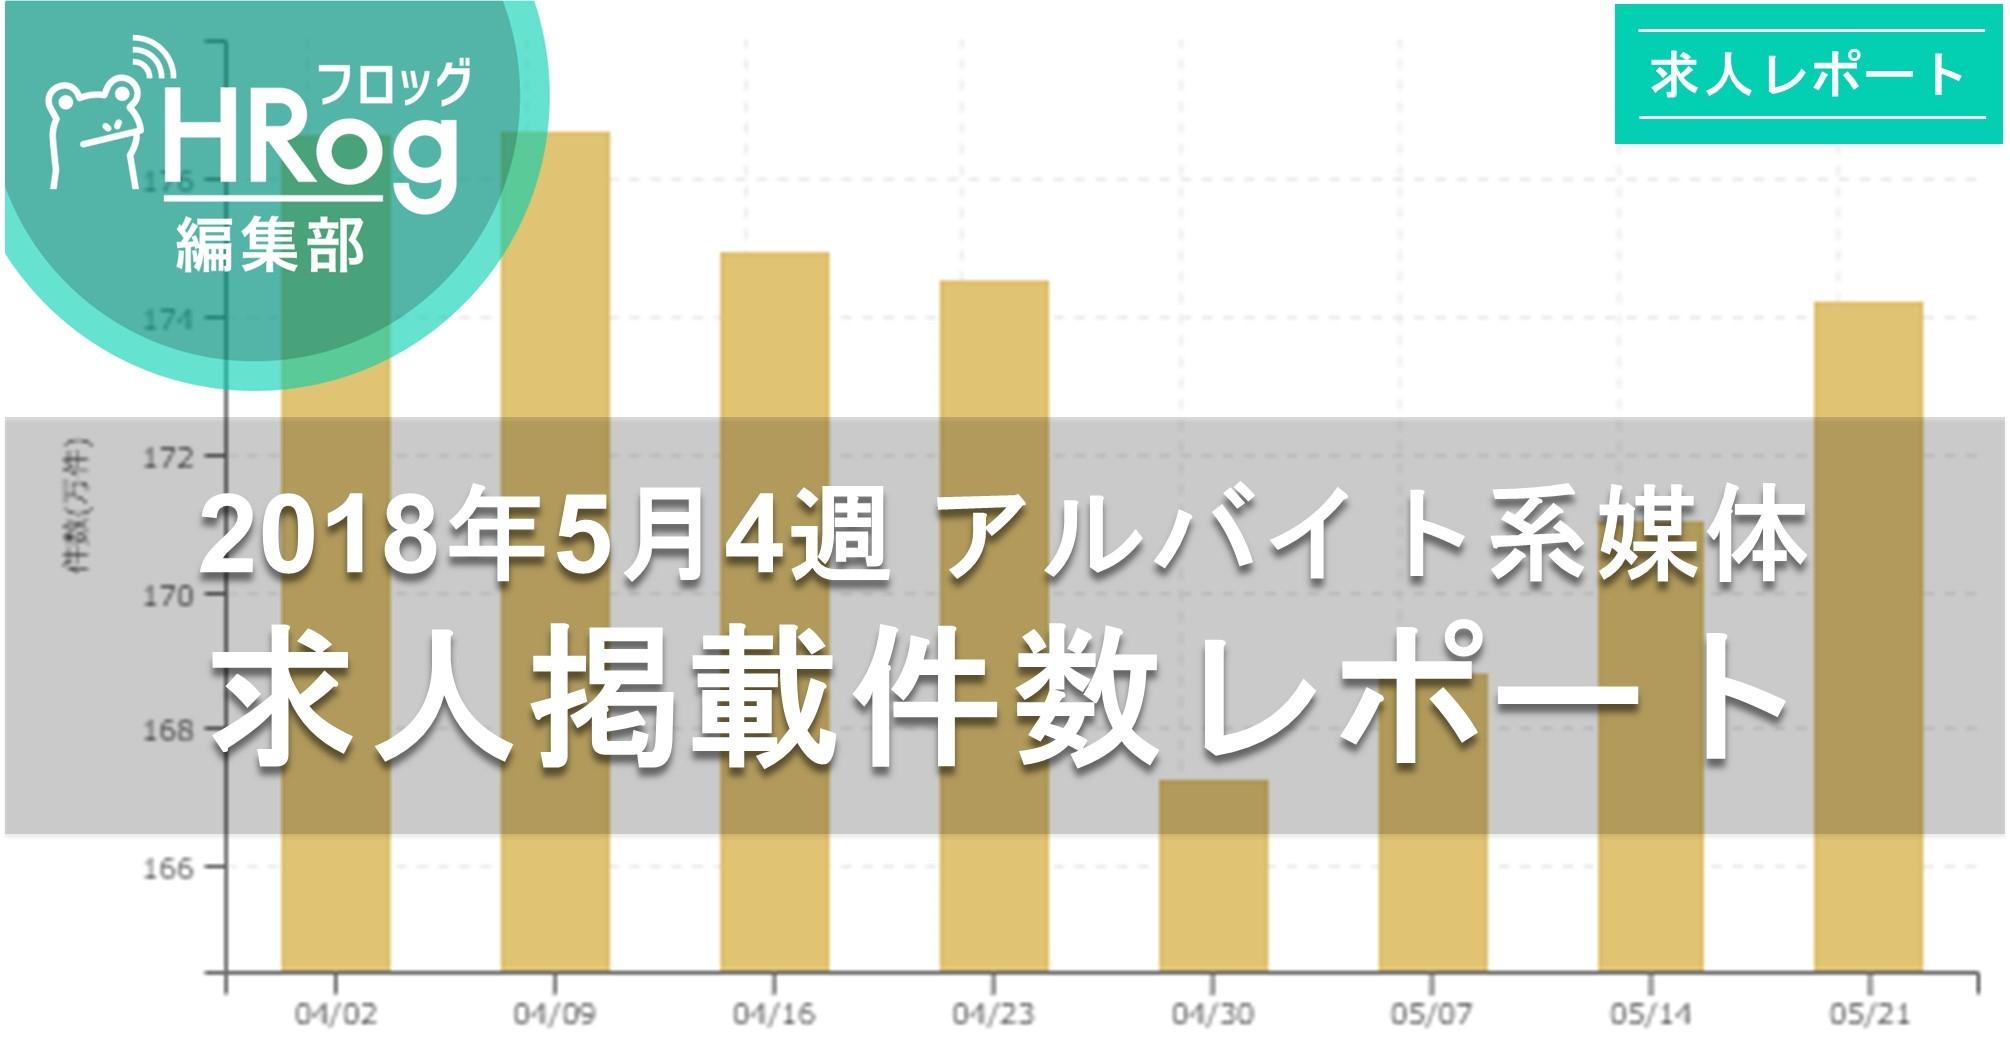 【2018年5月4週 アルバイト系媒体 求人掲載件数レポート】徐々に復調!3週連続求人数が増加!